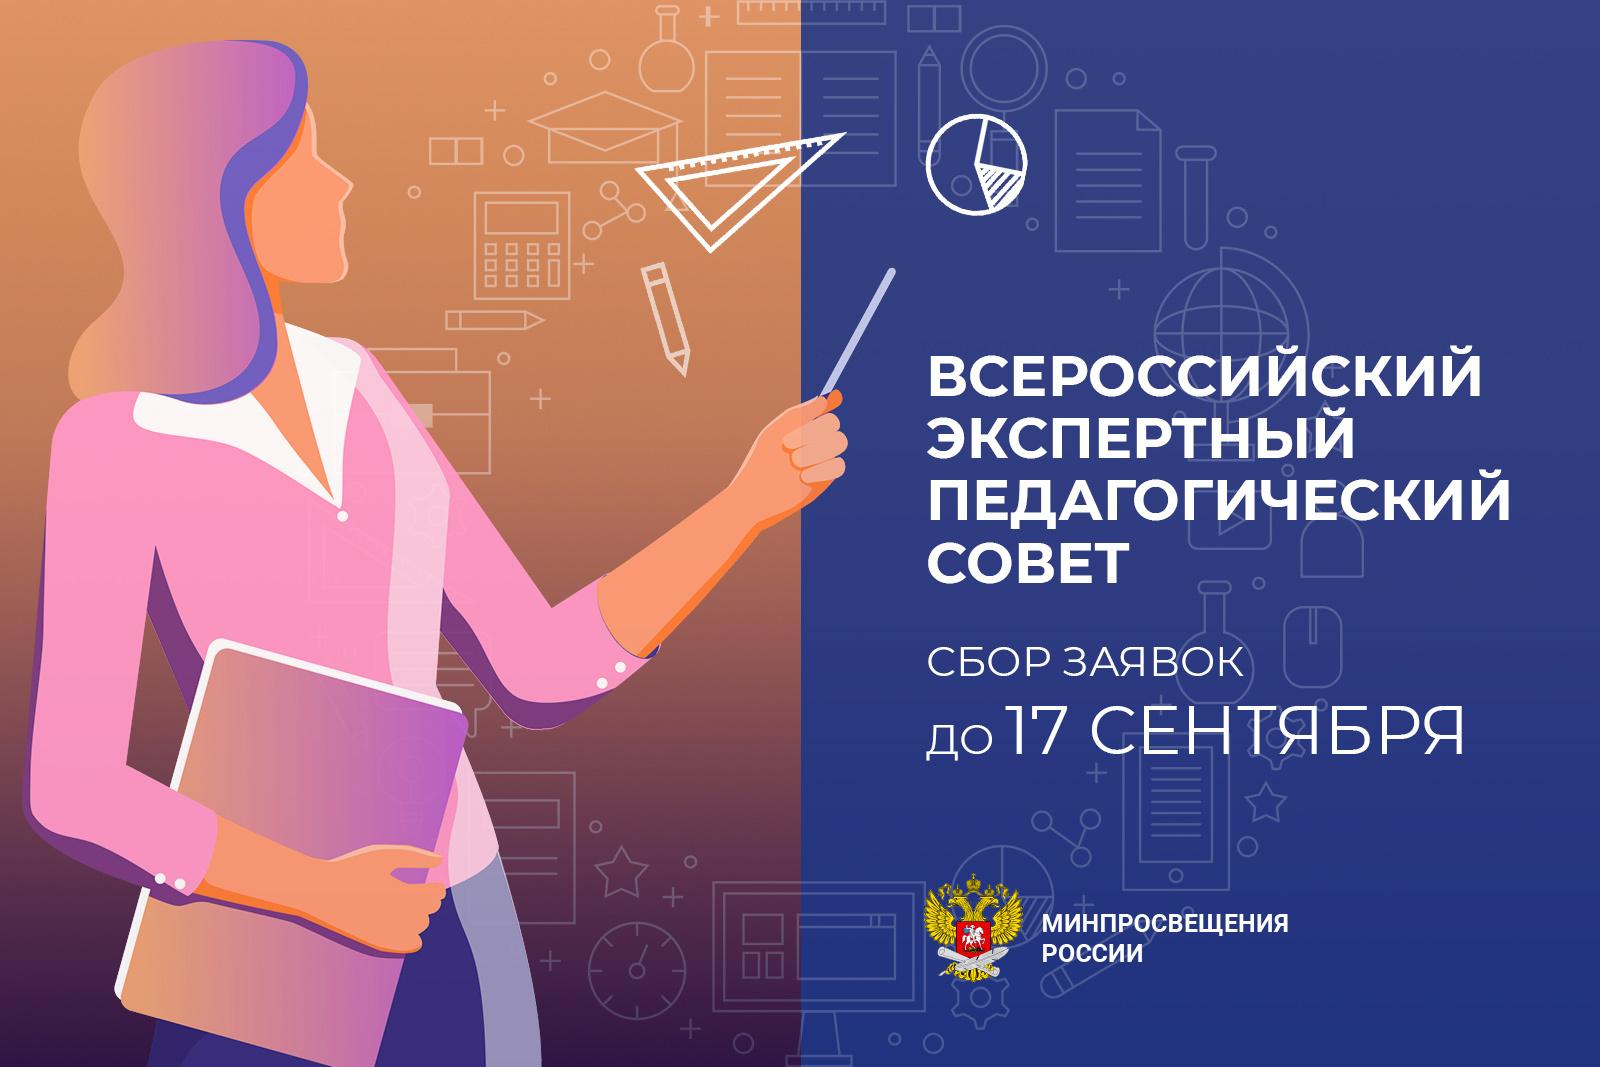 Завершается приём заявок во общероссийский экспертный педагогический совет при Министерстве просвещен